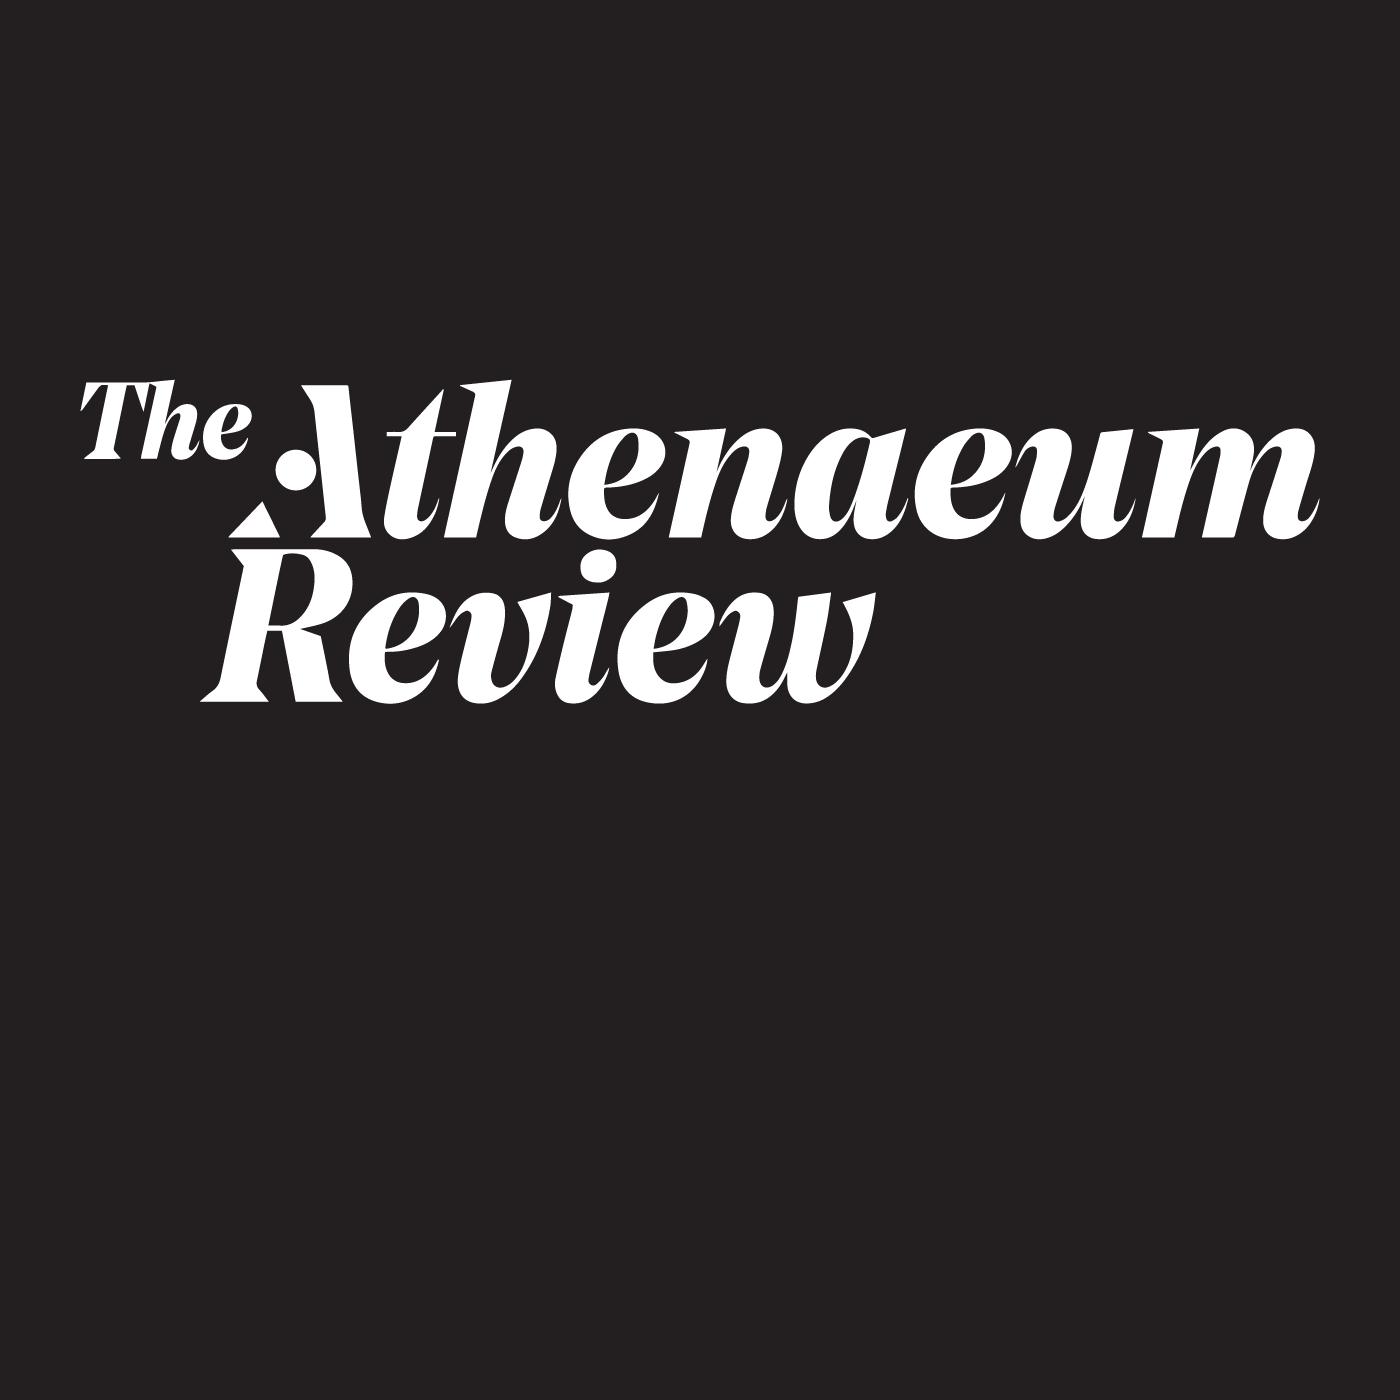 Athenaeum Review